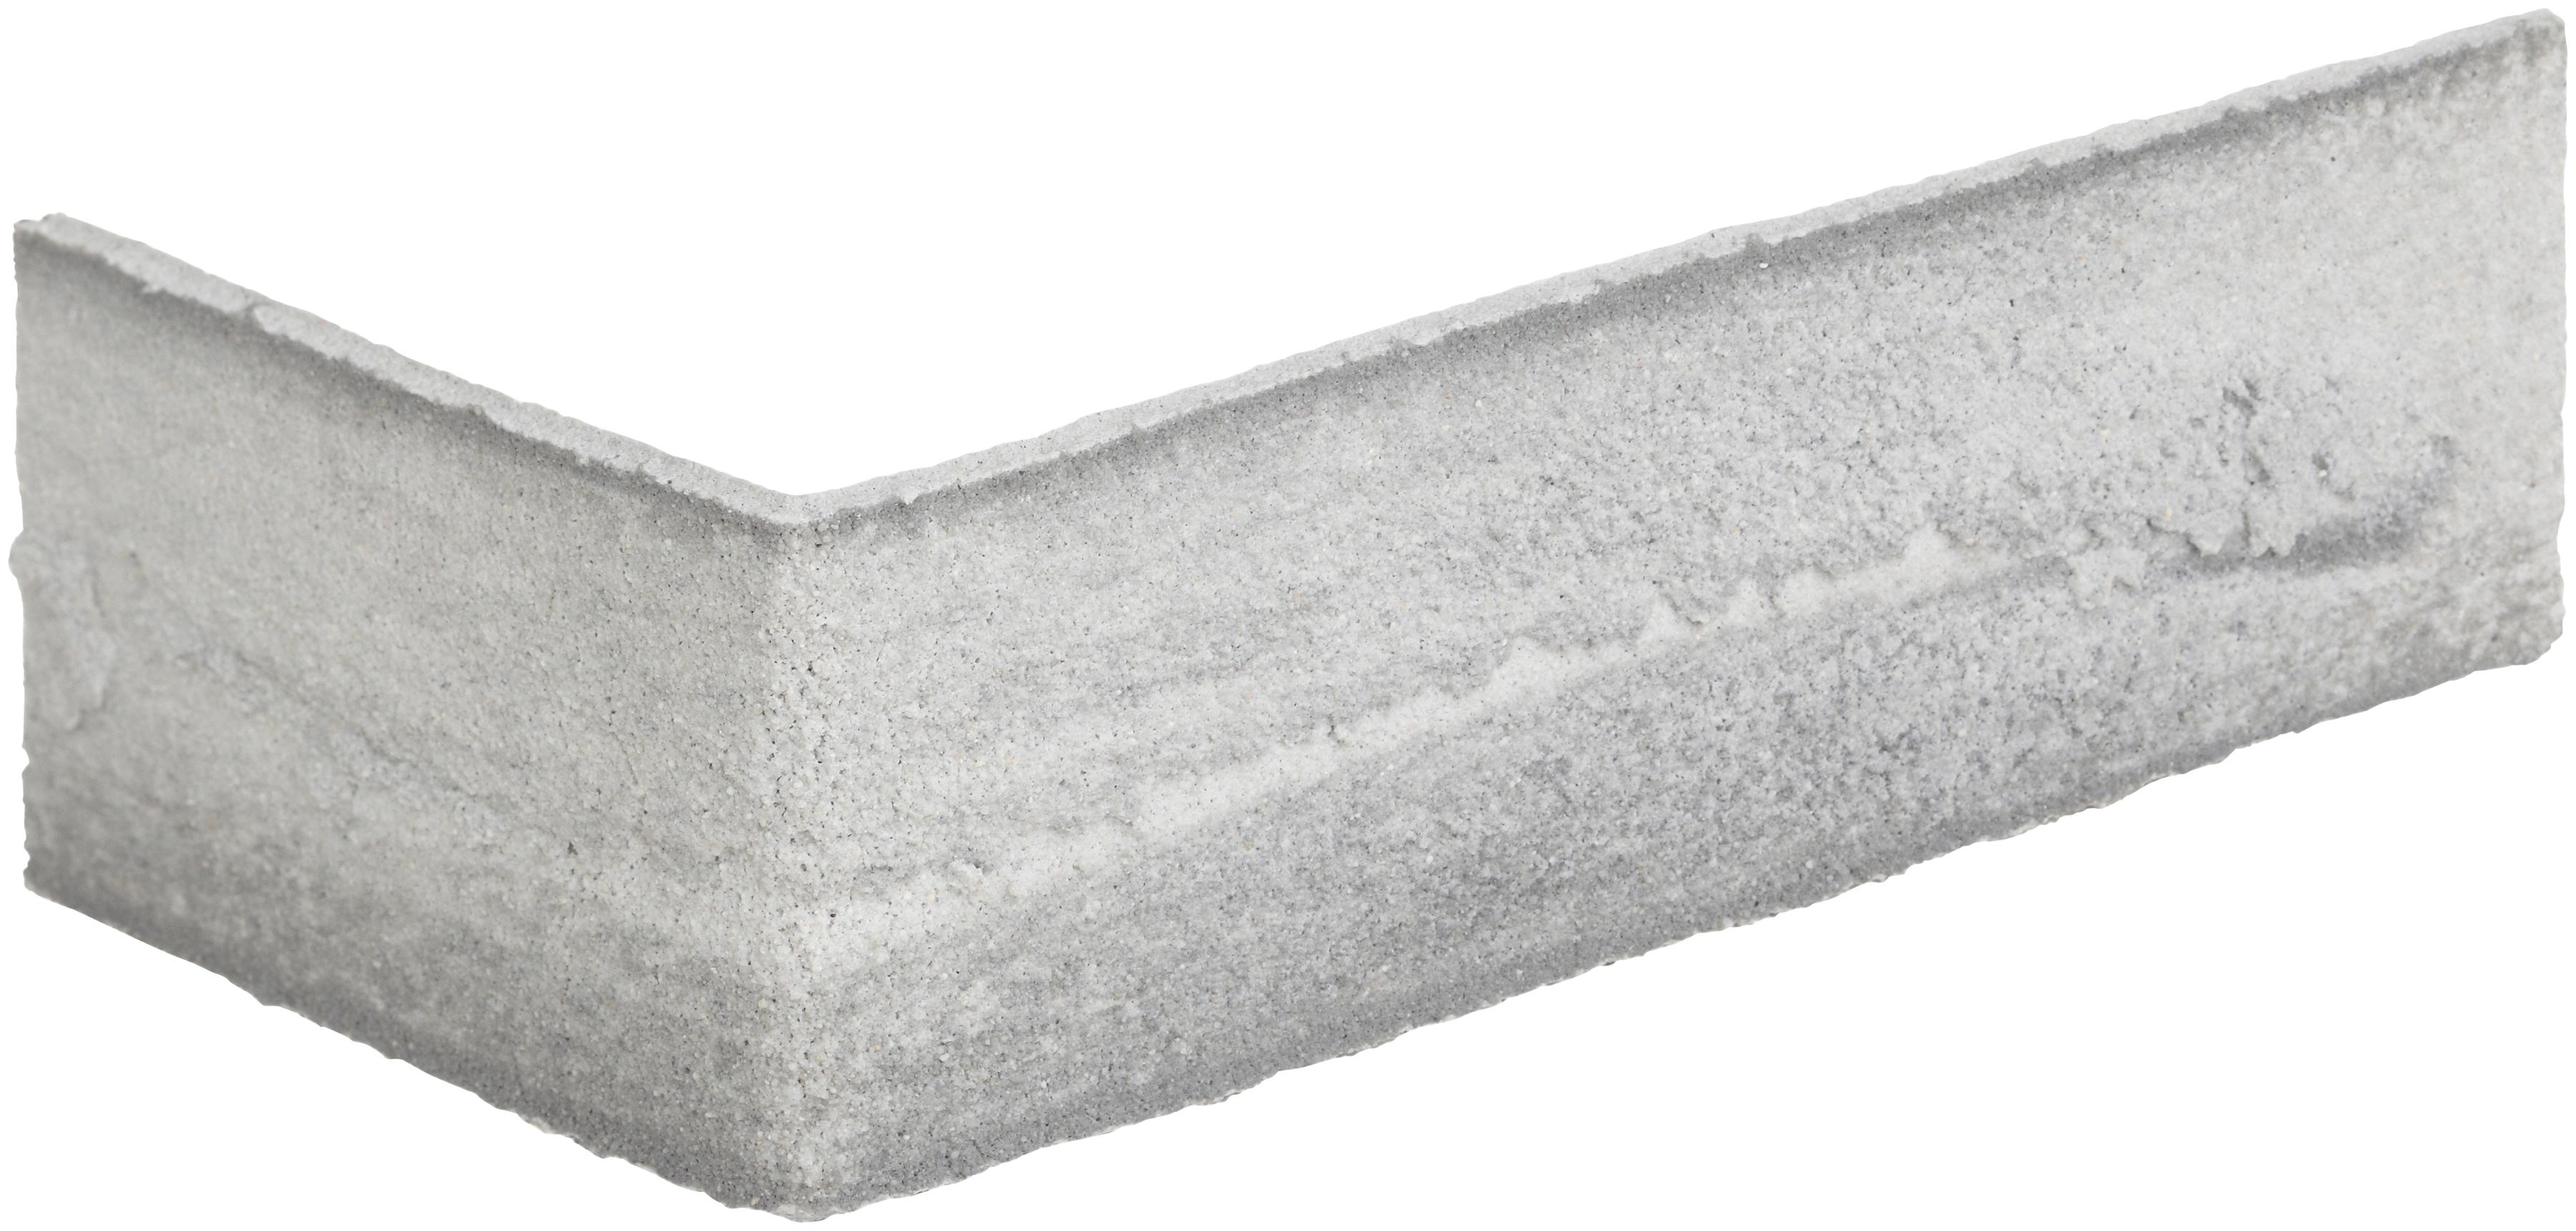 ELASTOLITH Verblender Nebraska Eckverblender, grau, für Innen- und Aussenbereich, 2 Lfm grau Verblendsteine Paneele Bauen Renovieren